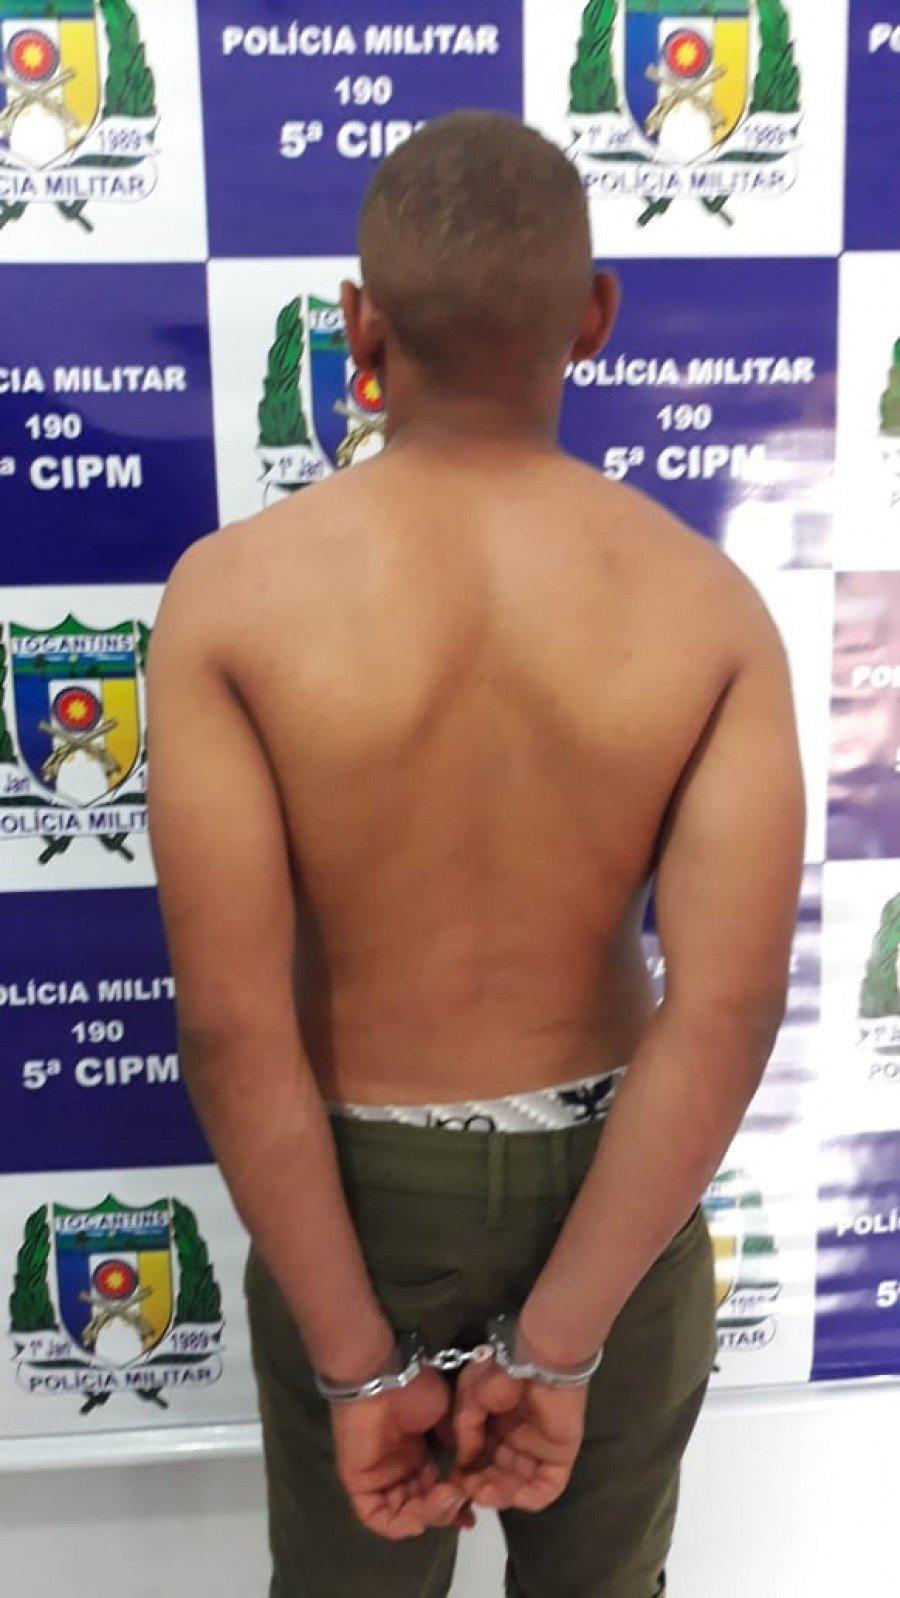 Homem armado com uma faca foi preso pela Polícia Militar por roubar duas residências em Ananás (Foto: Ascom/5ª CIPM)